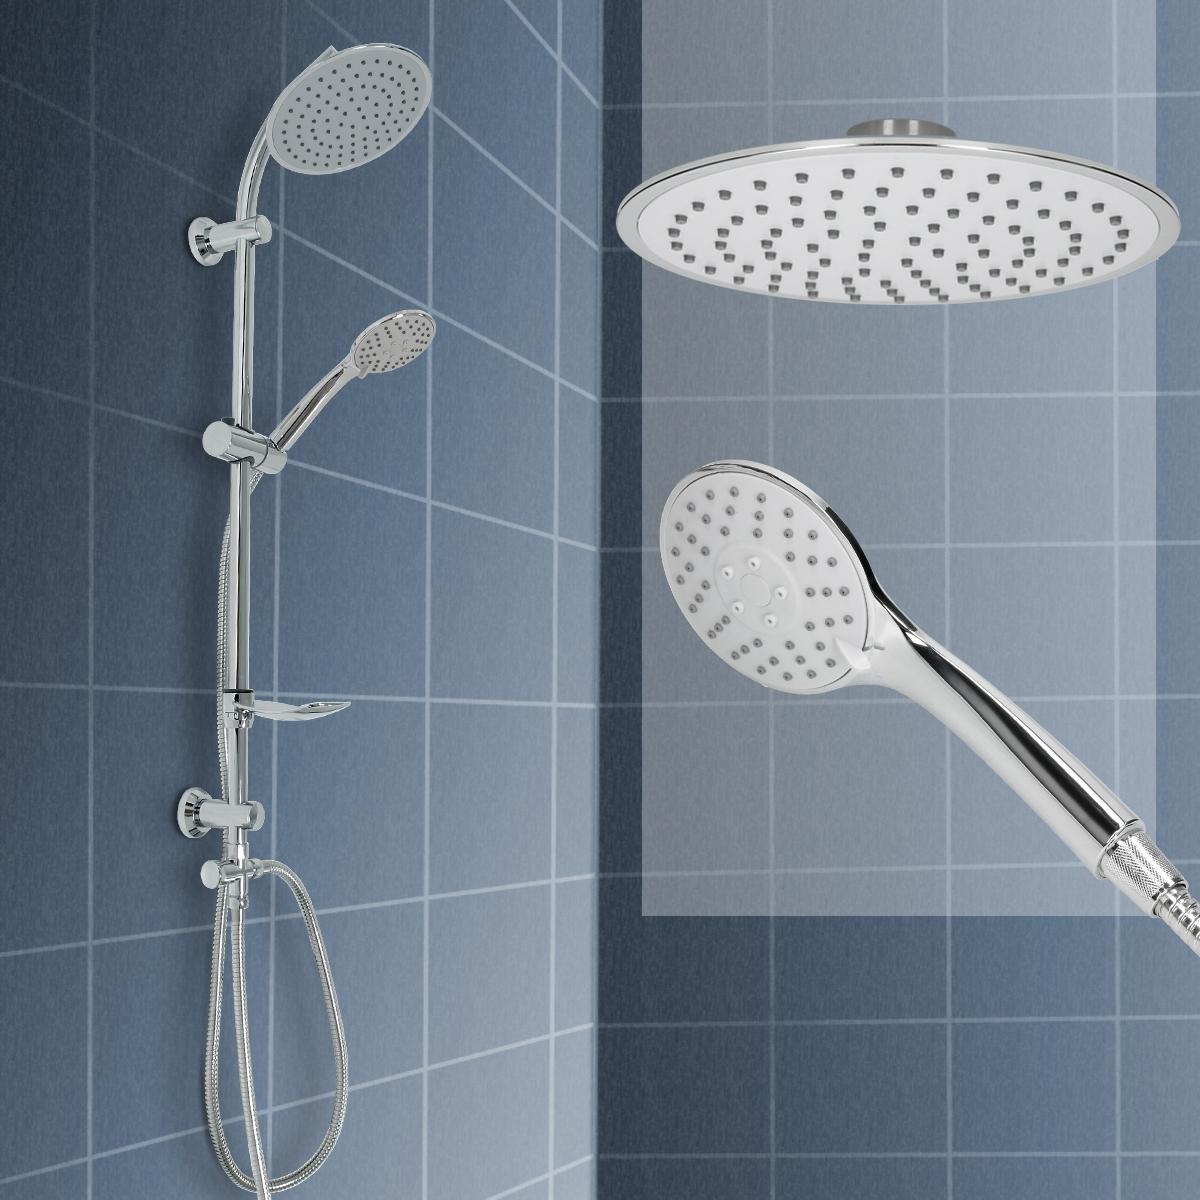 duschset dusch set duscharmatur duschbrause handbrause kopfbrause regendusche ebay. Black Bedroom Furniture Sets. Home Design Ideas